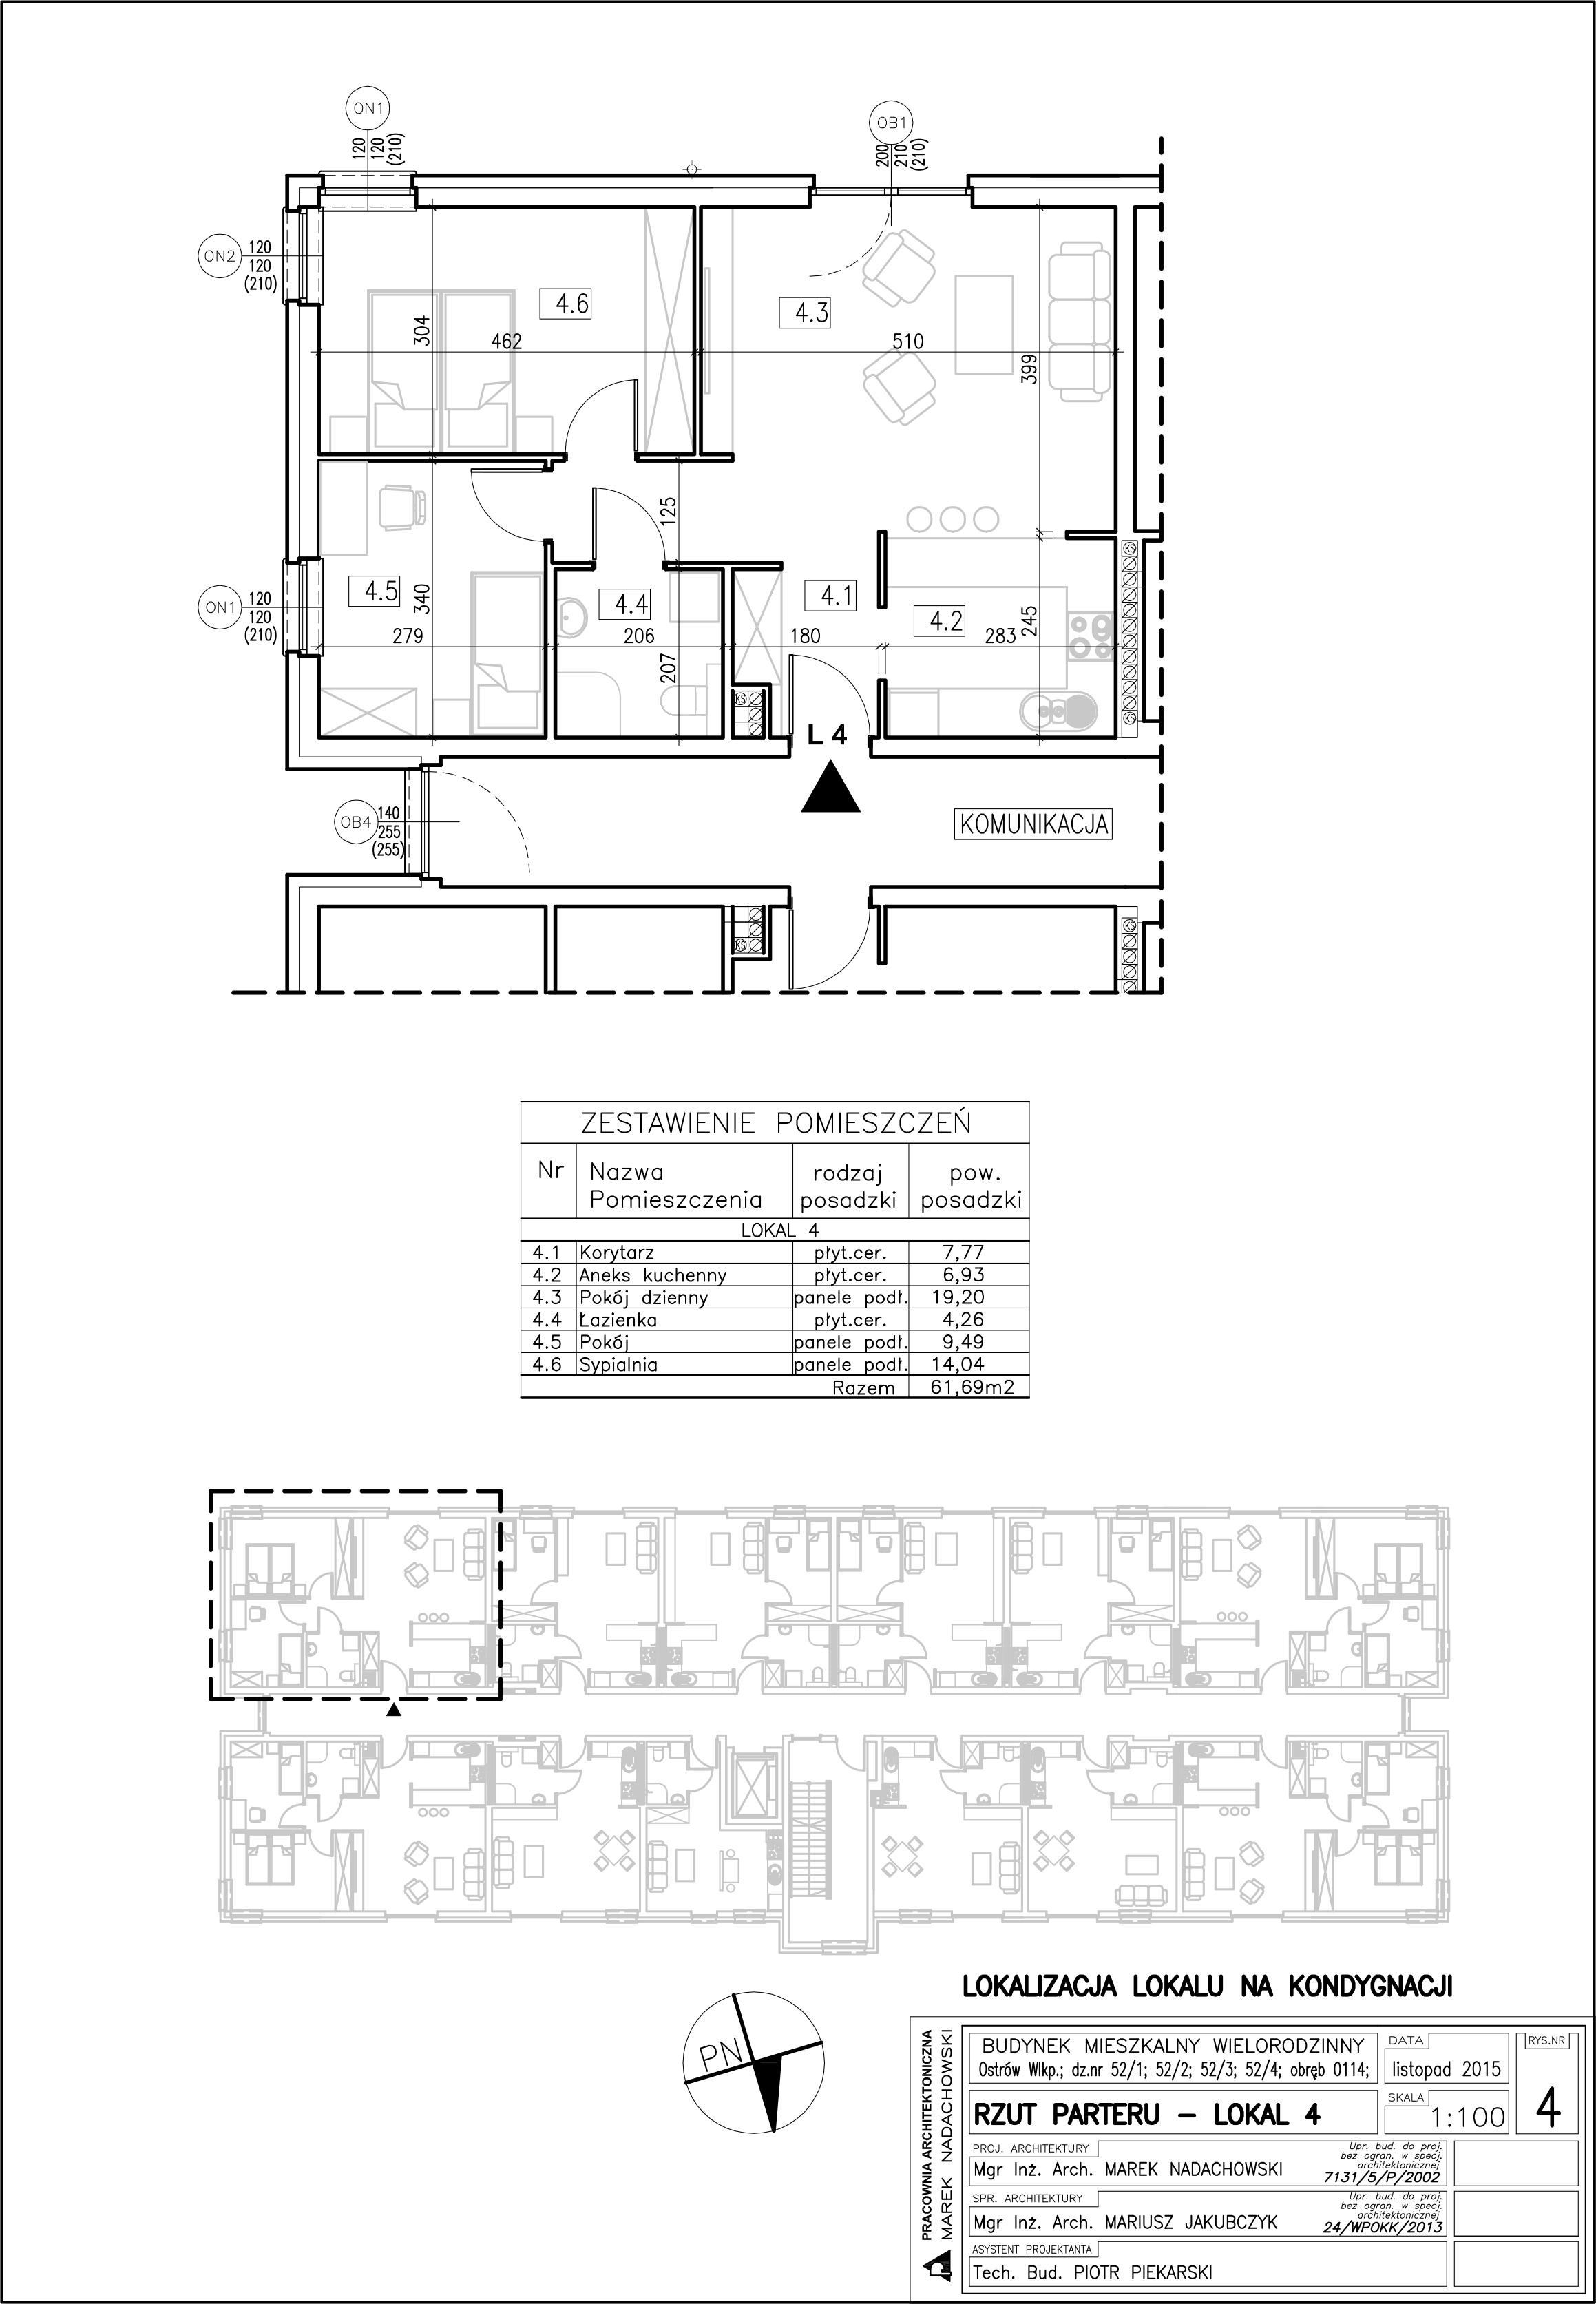 Lokal nr 4 Powierzchnia 61,69 m2, ogródek